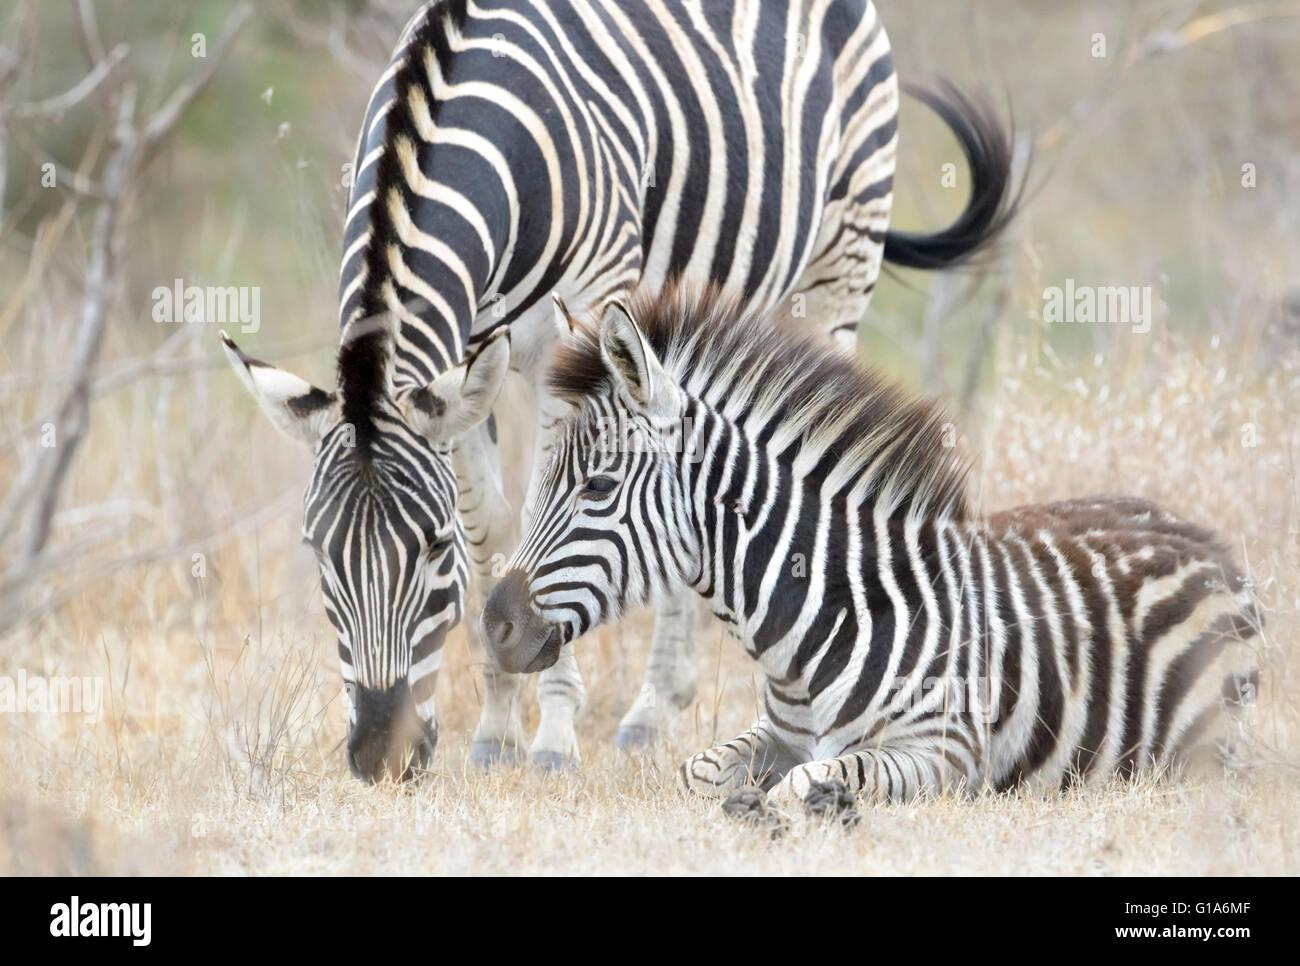 Zèbre des plaines (Equus quagga) juvenile couché avec la mère, Kruger National Park, Afrique du Sud Photo Stock